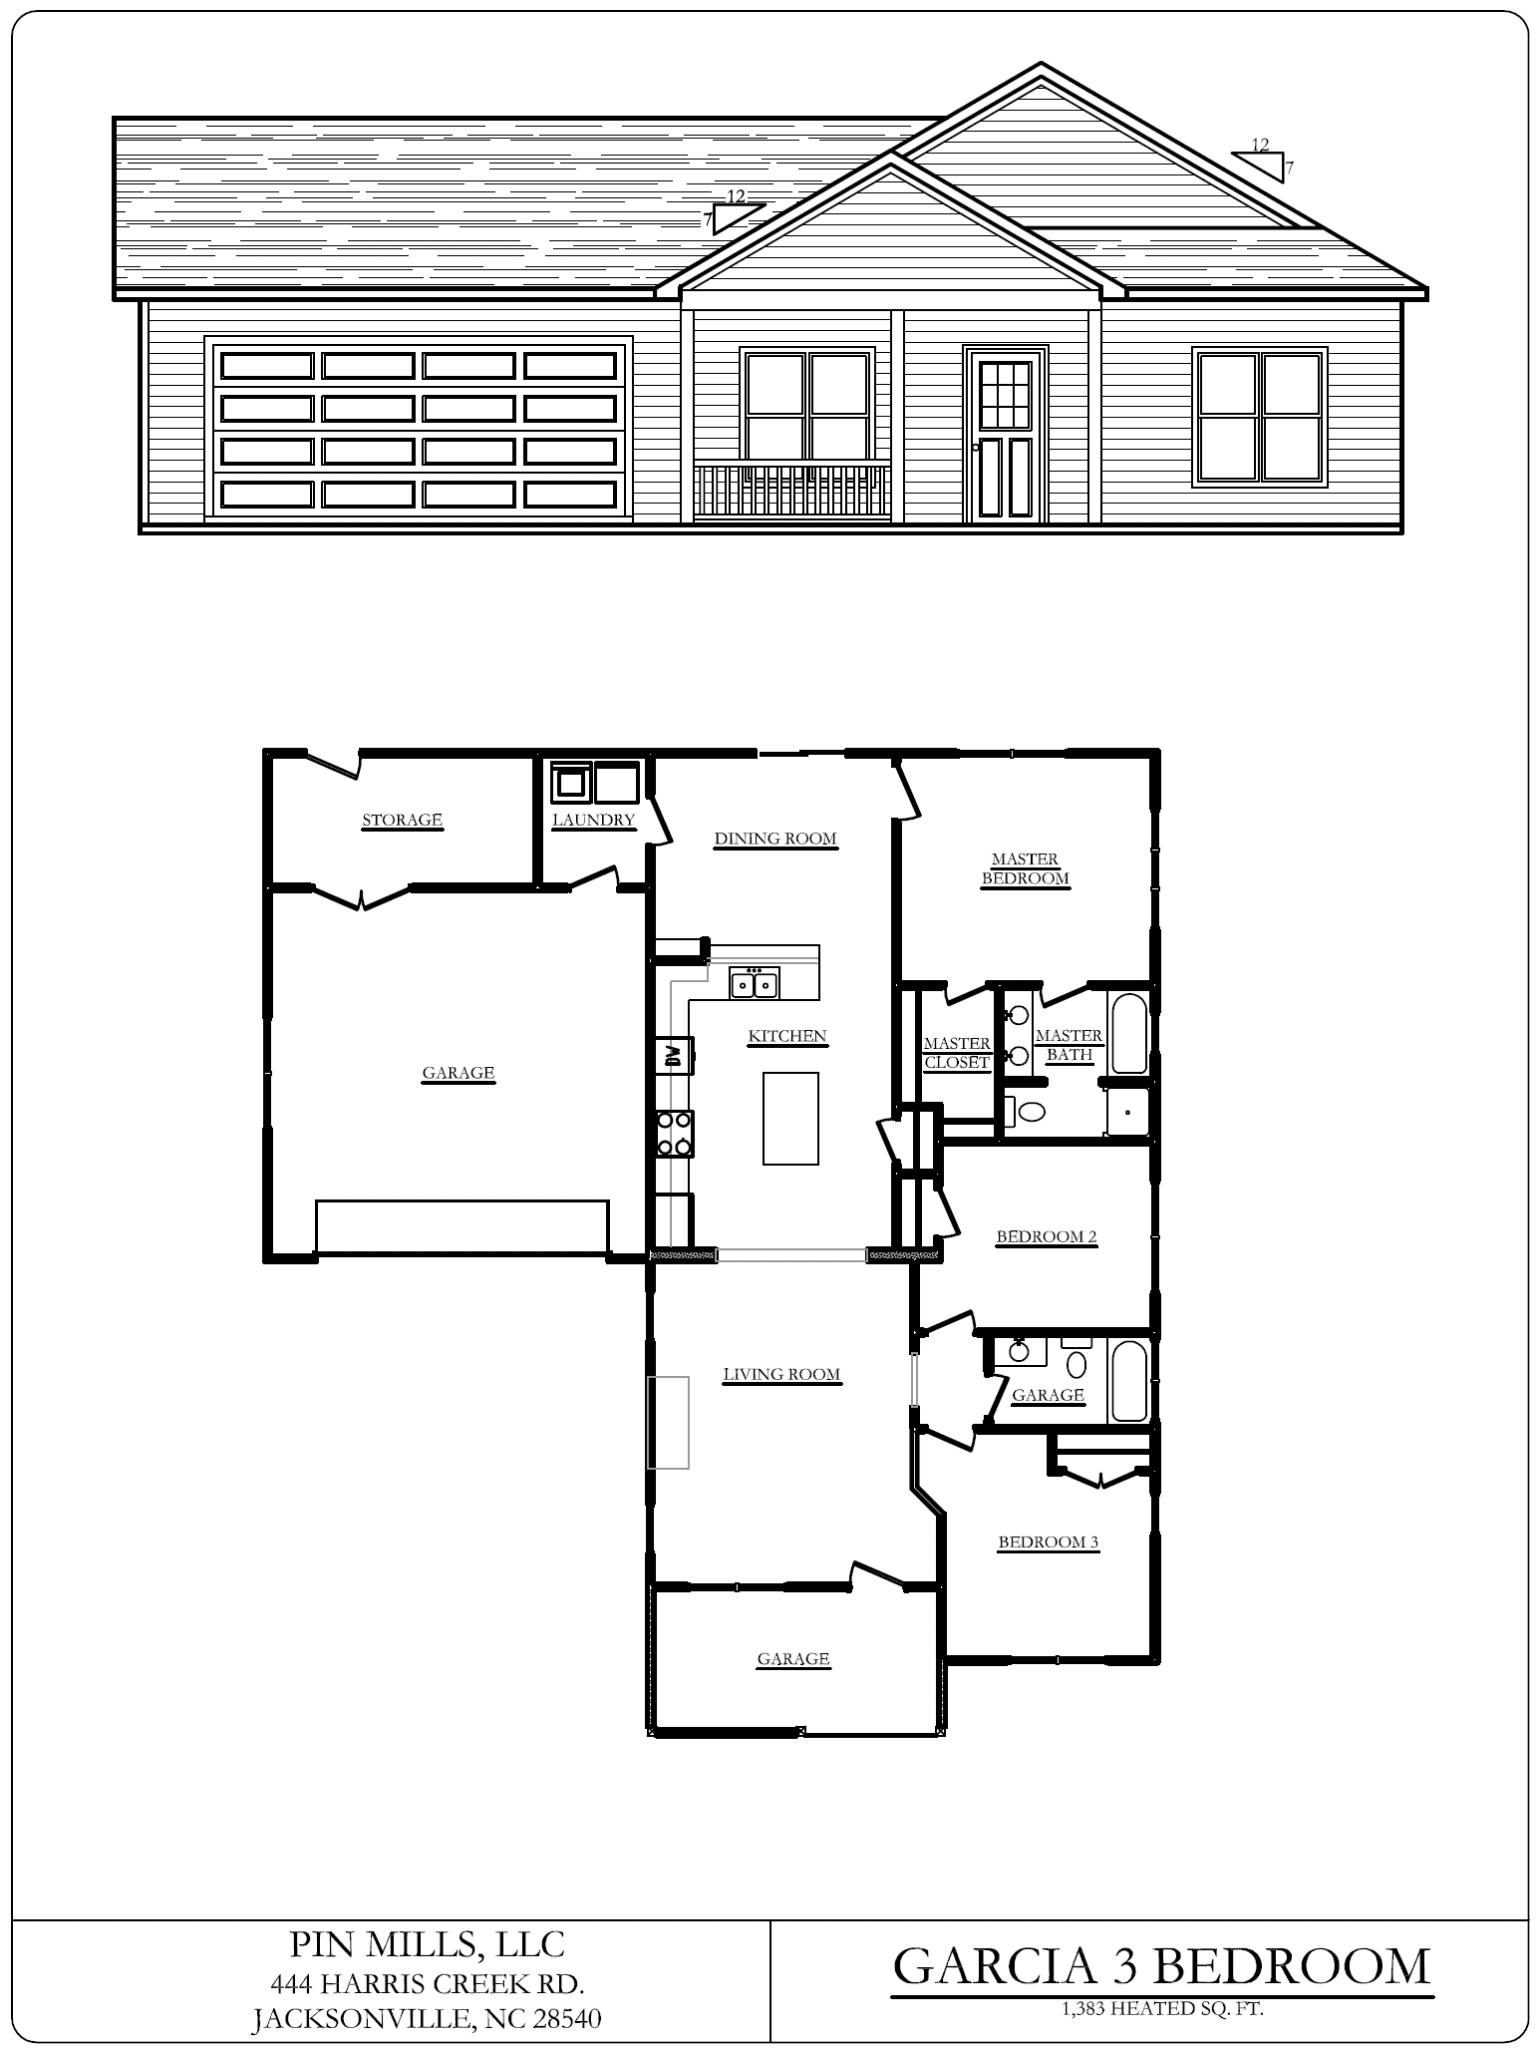 flooplan blueprints for the Southwest Plantation Garcia 3-Bedroom home